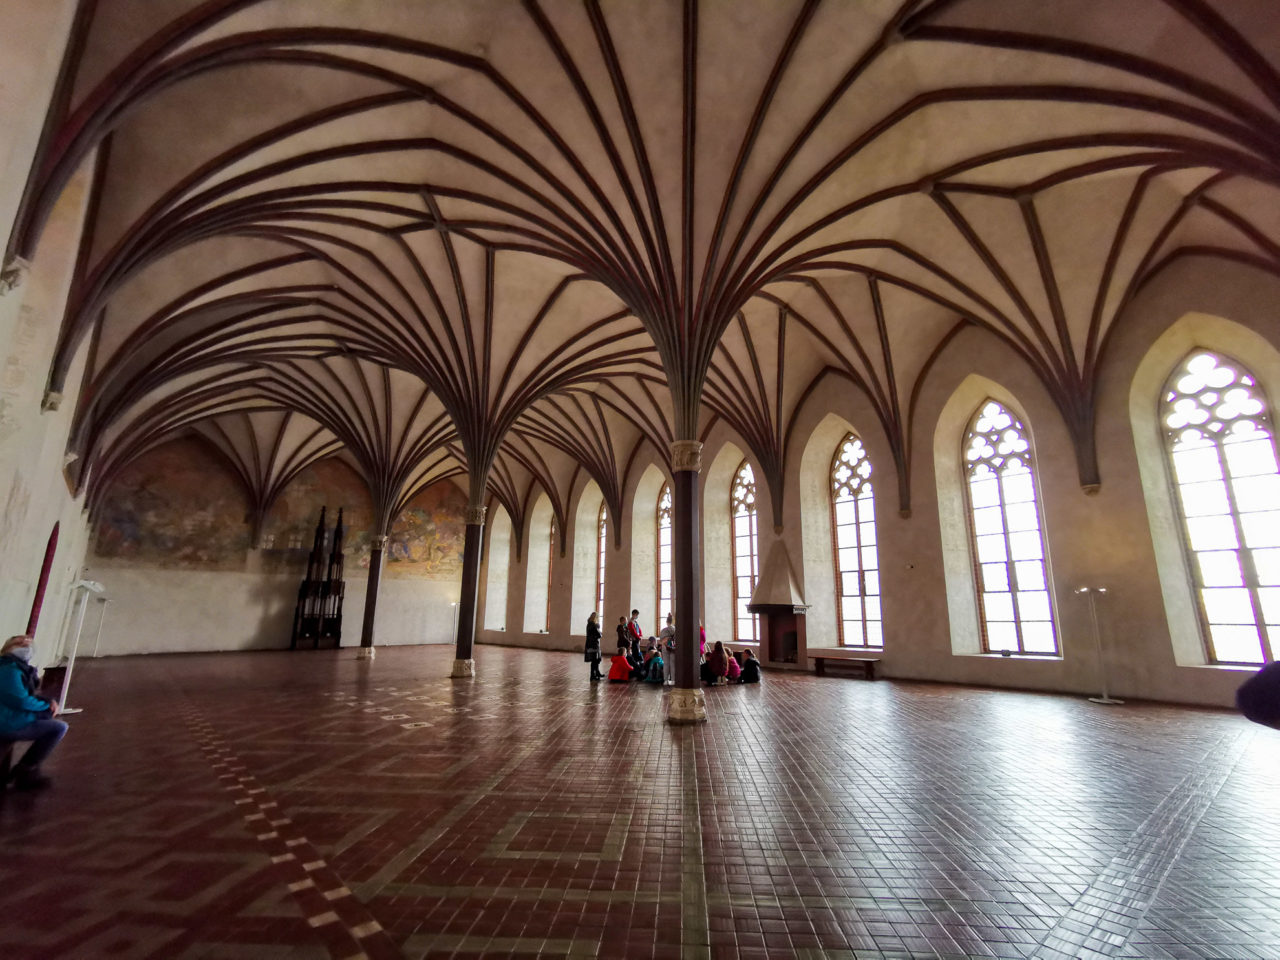 2020-10-09_11-31-44_Marienburg_IMG_20201009_113140-1600